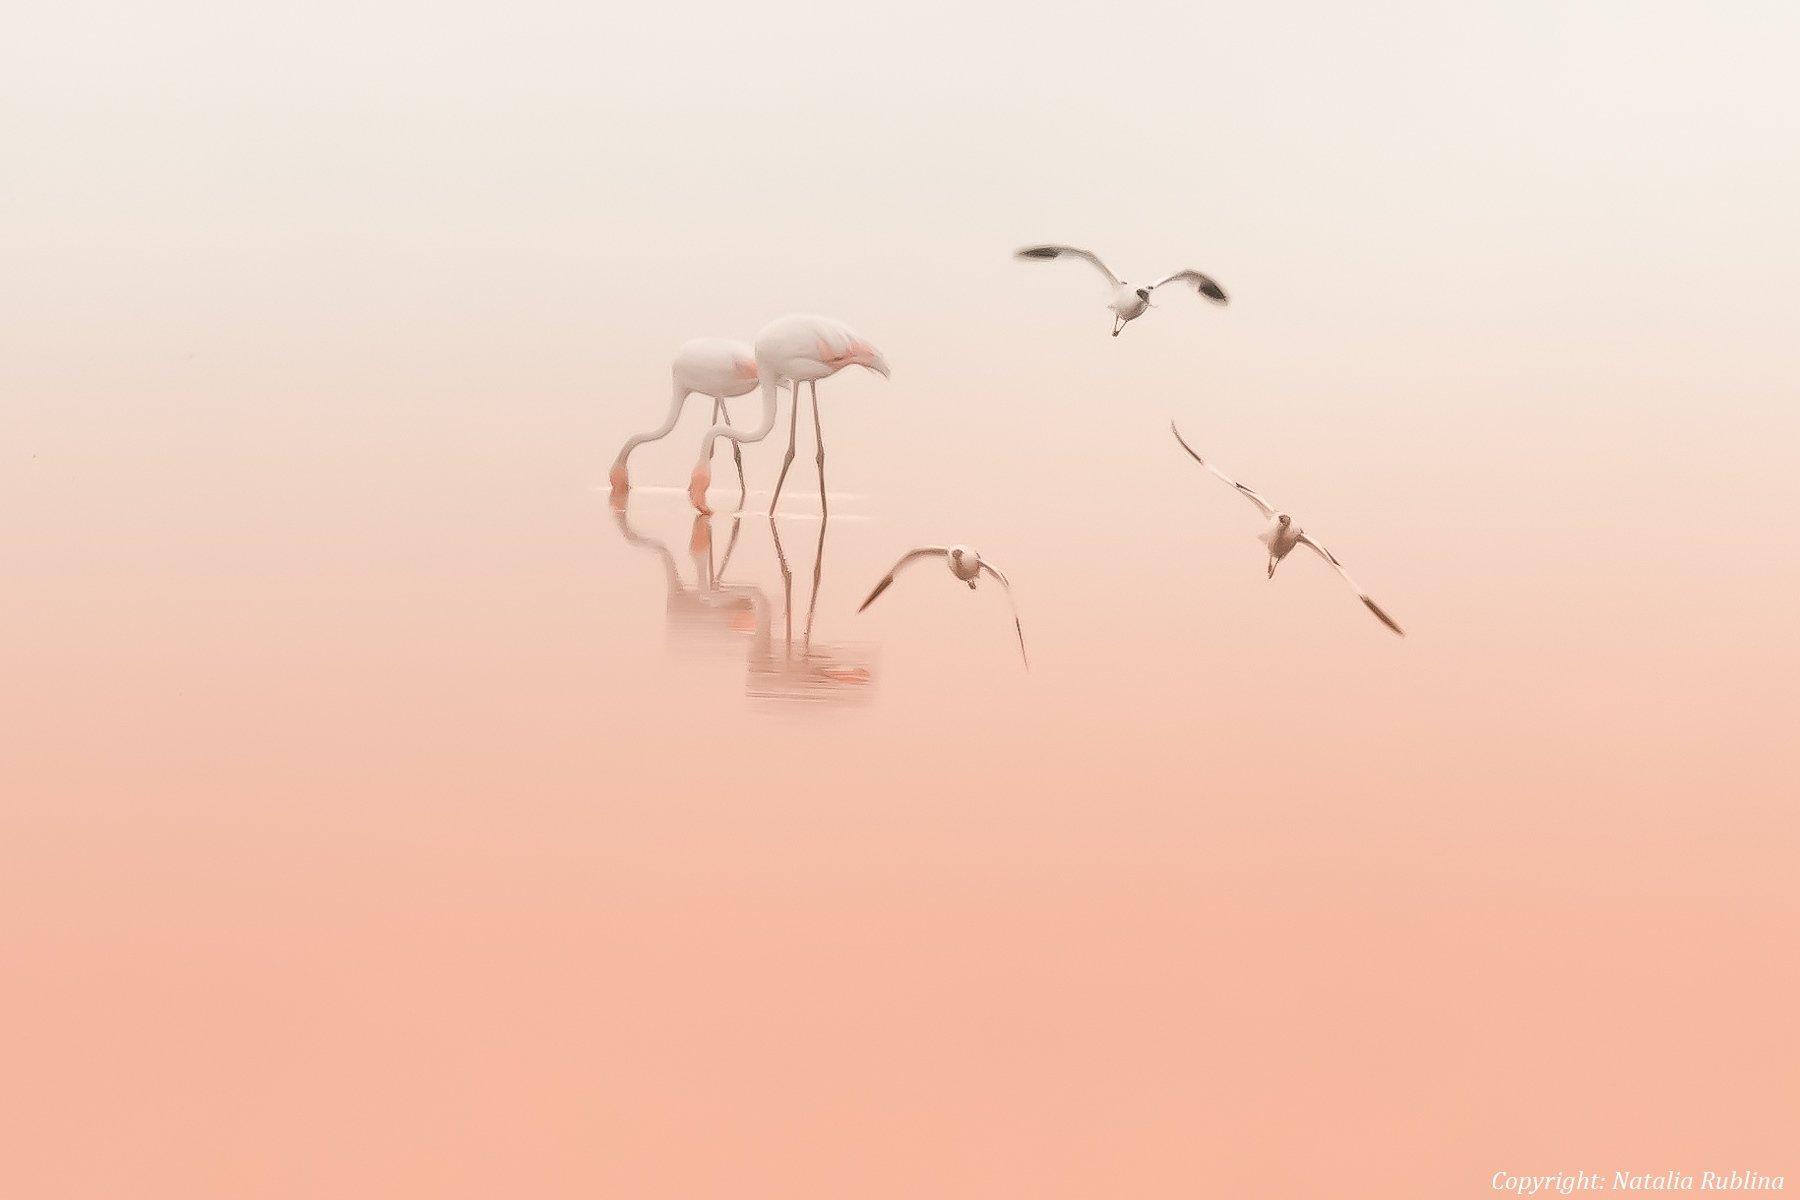 настроение, озеро, природа, птицы, рассвет, розовый рассвет, романтика, спокойствие, тишина, утро, фламинго, Наталья Рублина